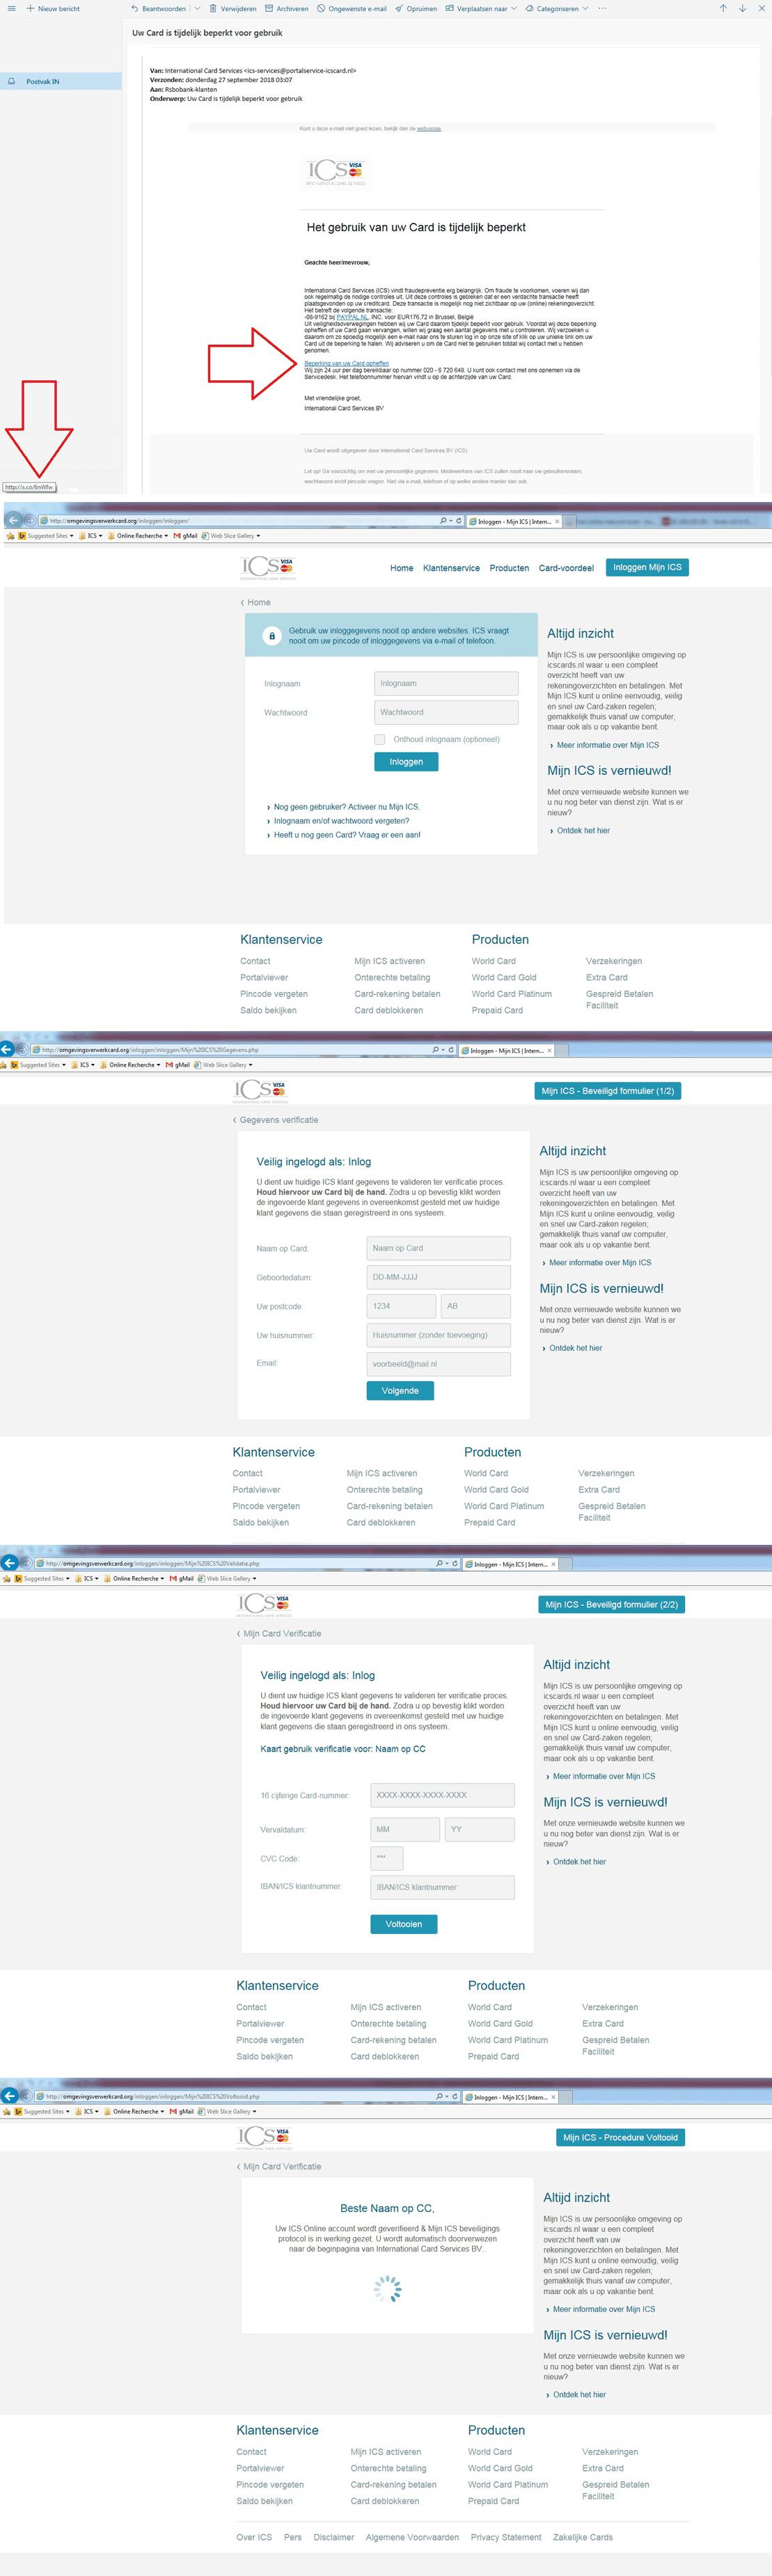 voorbeelden van phishing berichten